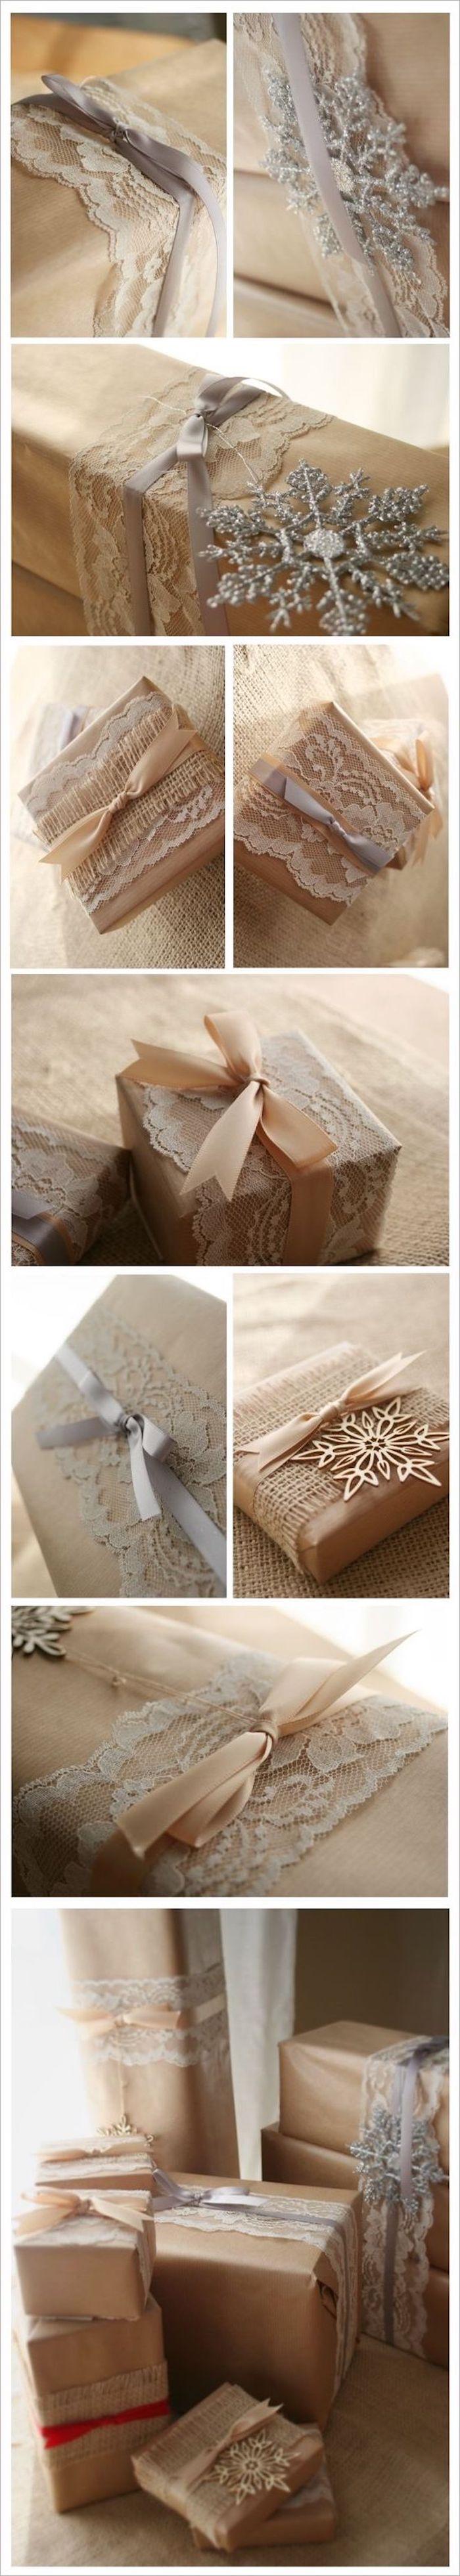 Fotocollage mit verschiedenen Ideen für Verpackungen für Hochzeitsgeschenke